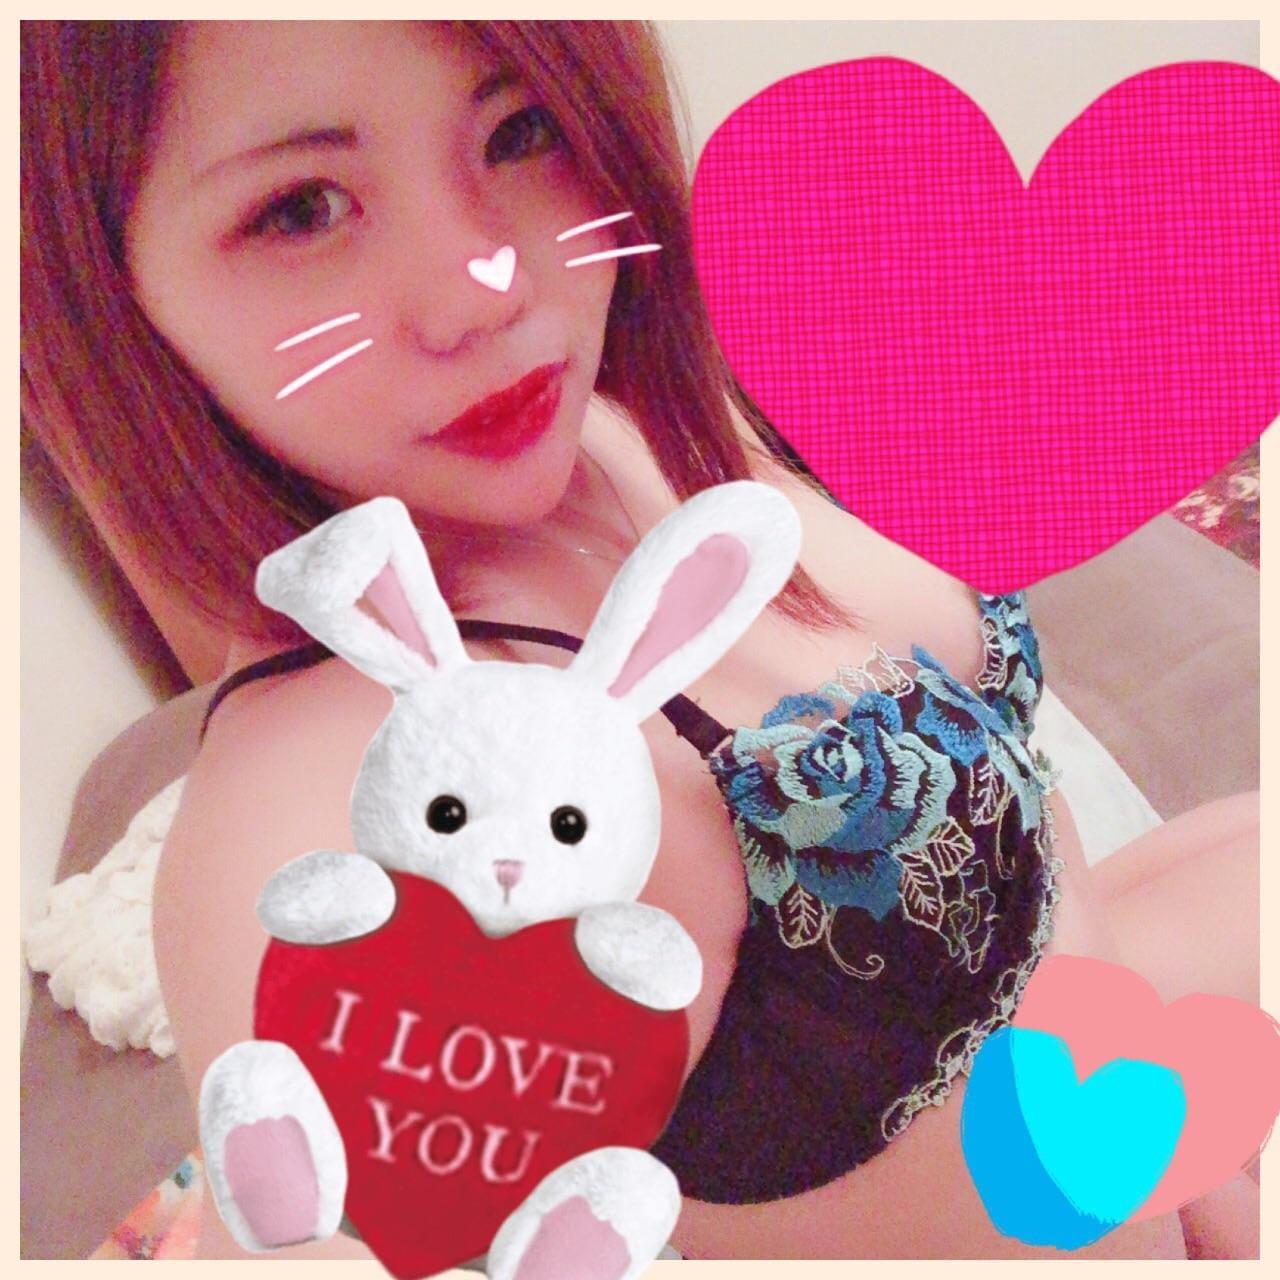 「おとぼけびーばーのおにいさんへ♪」05/19(05/19) 23:46 | さきの写メ・風俗動画